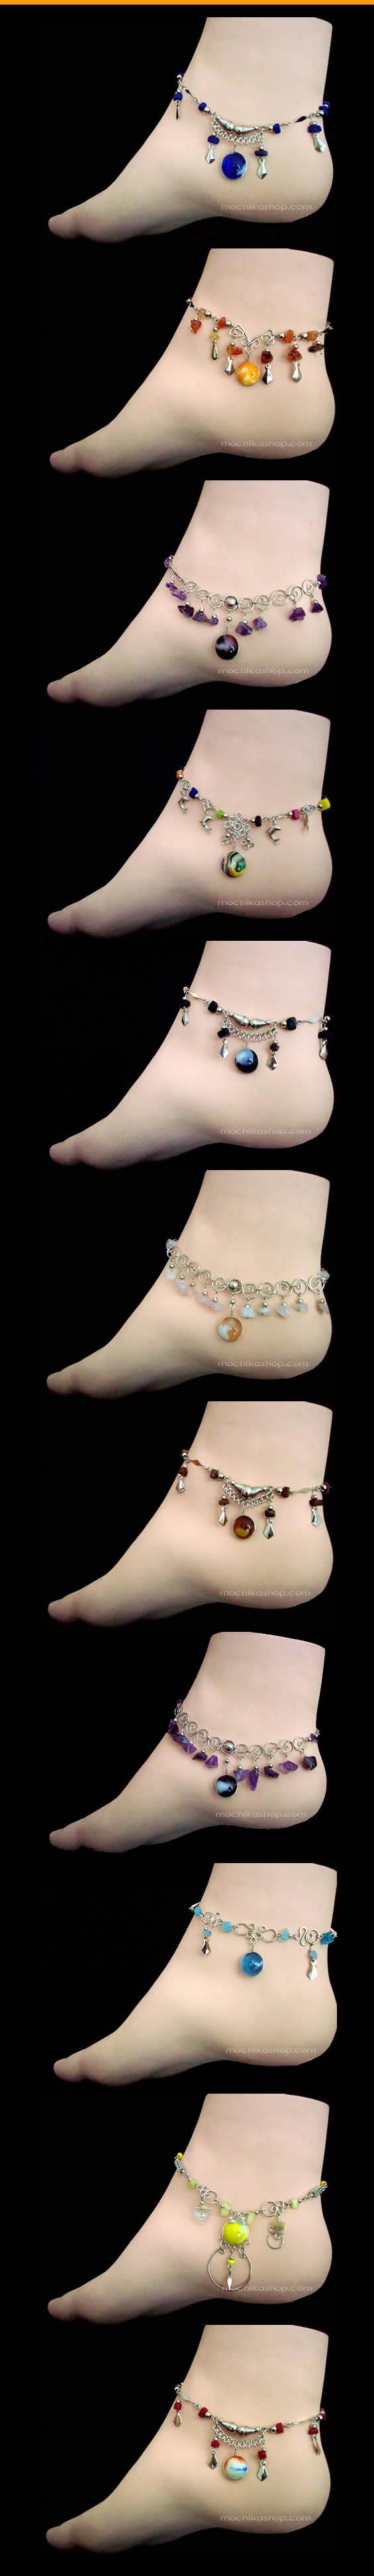 50 Anklets